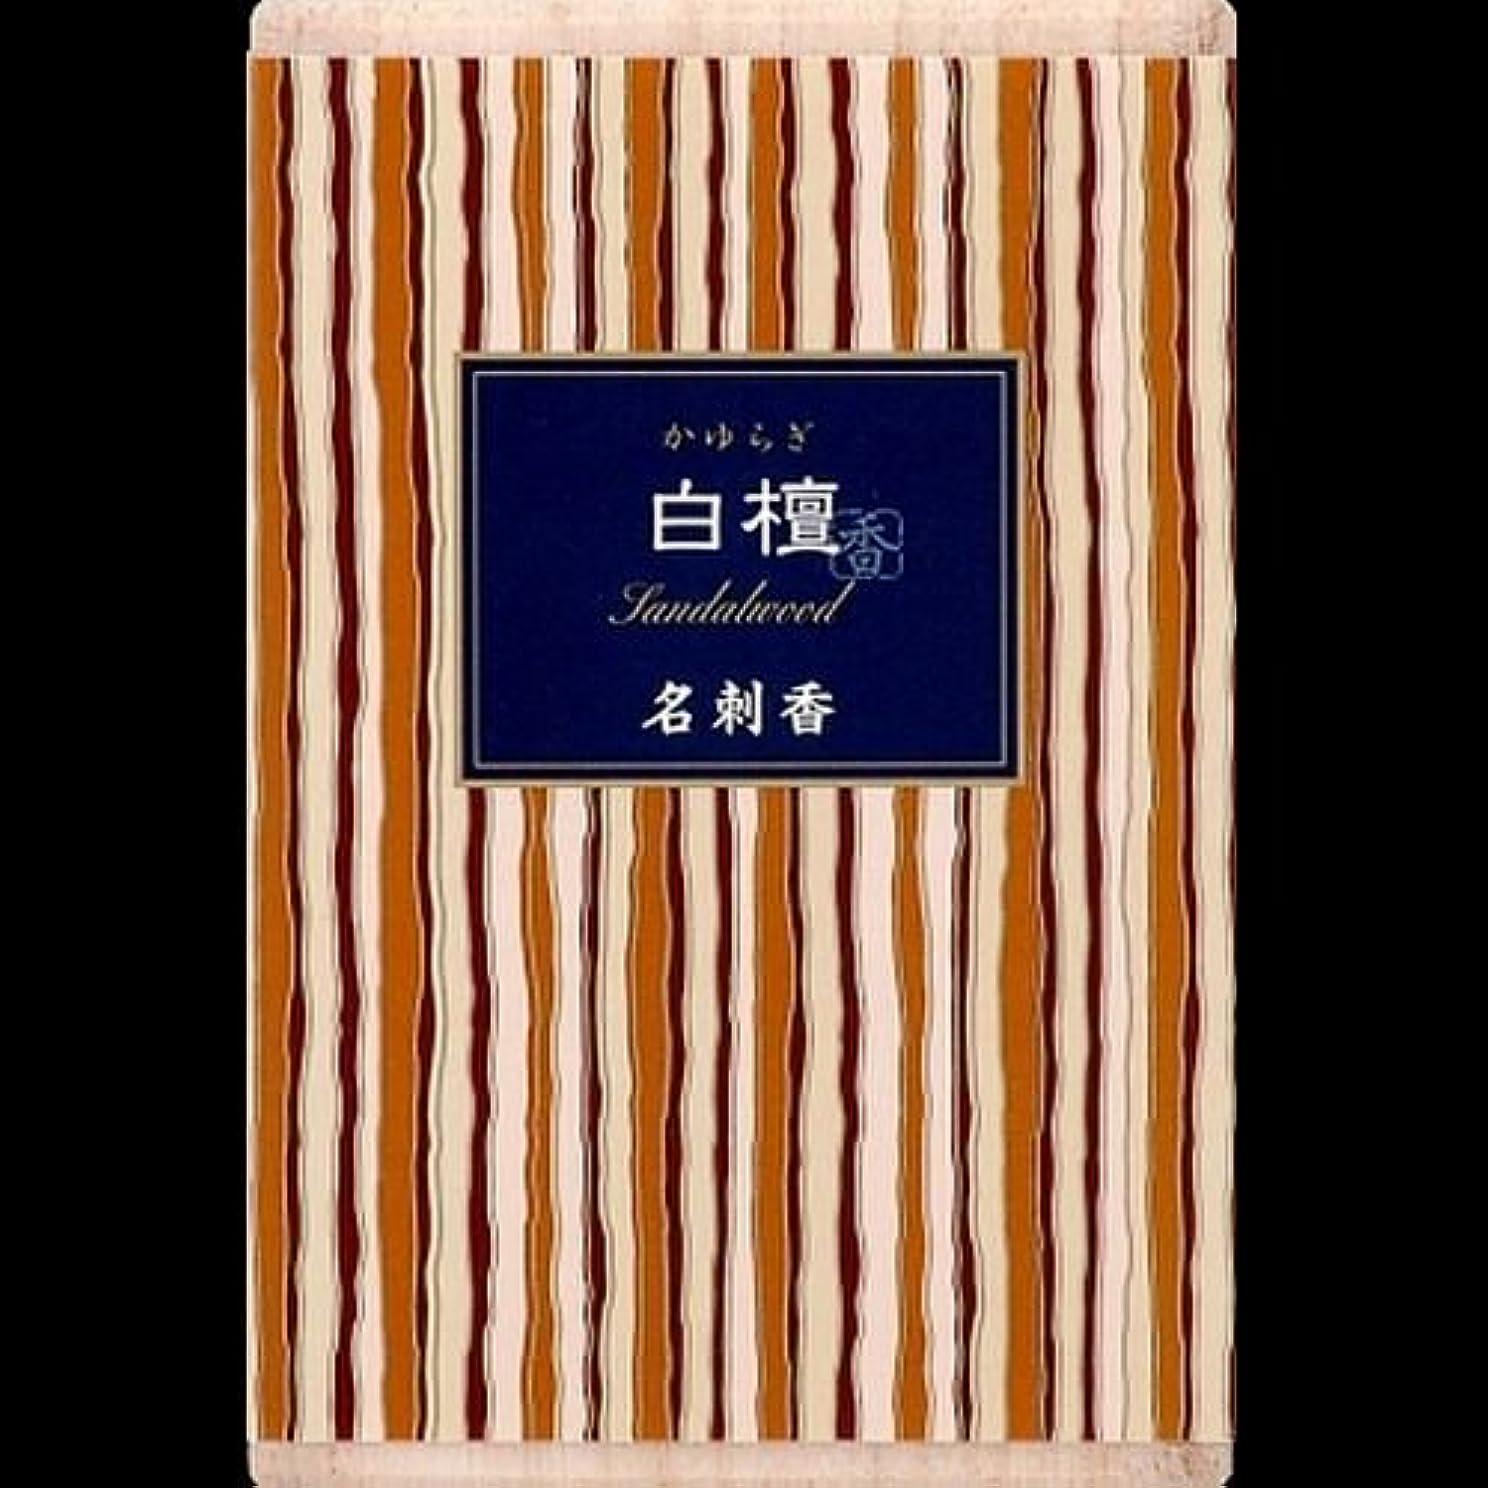 蓋引く警戒【まとめ買い】かゆらぎ 白檀 名刺香 桐箱 6入 ×2セット